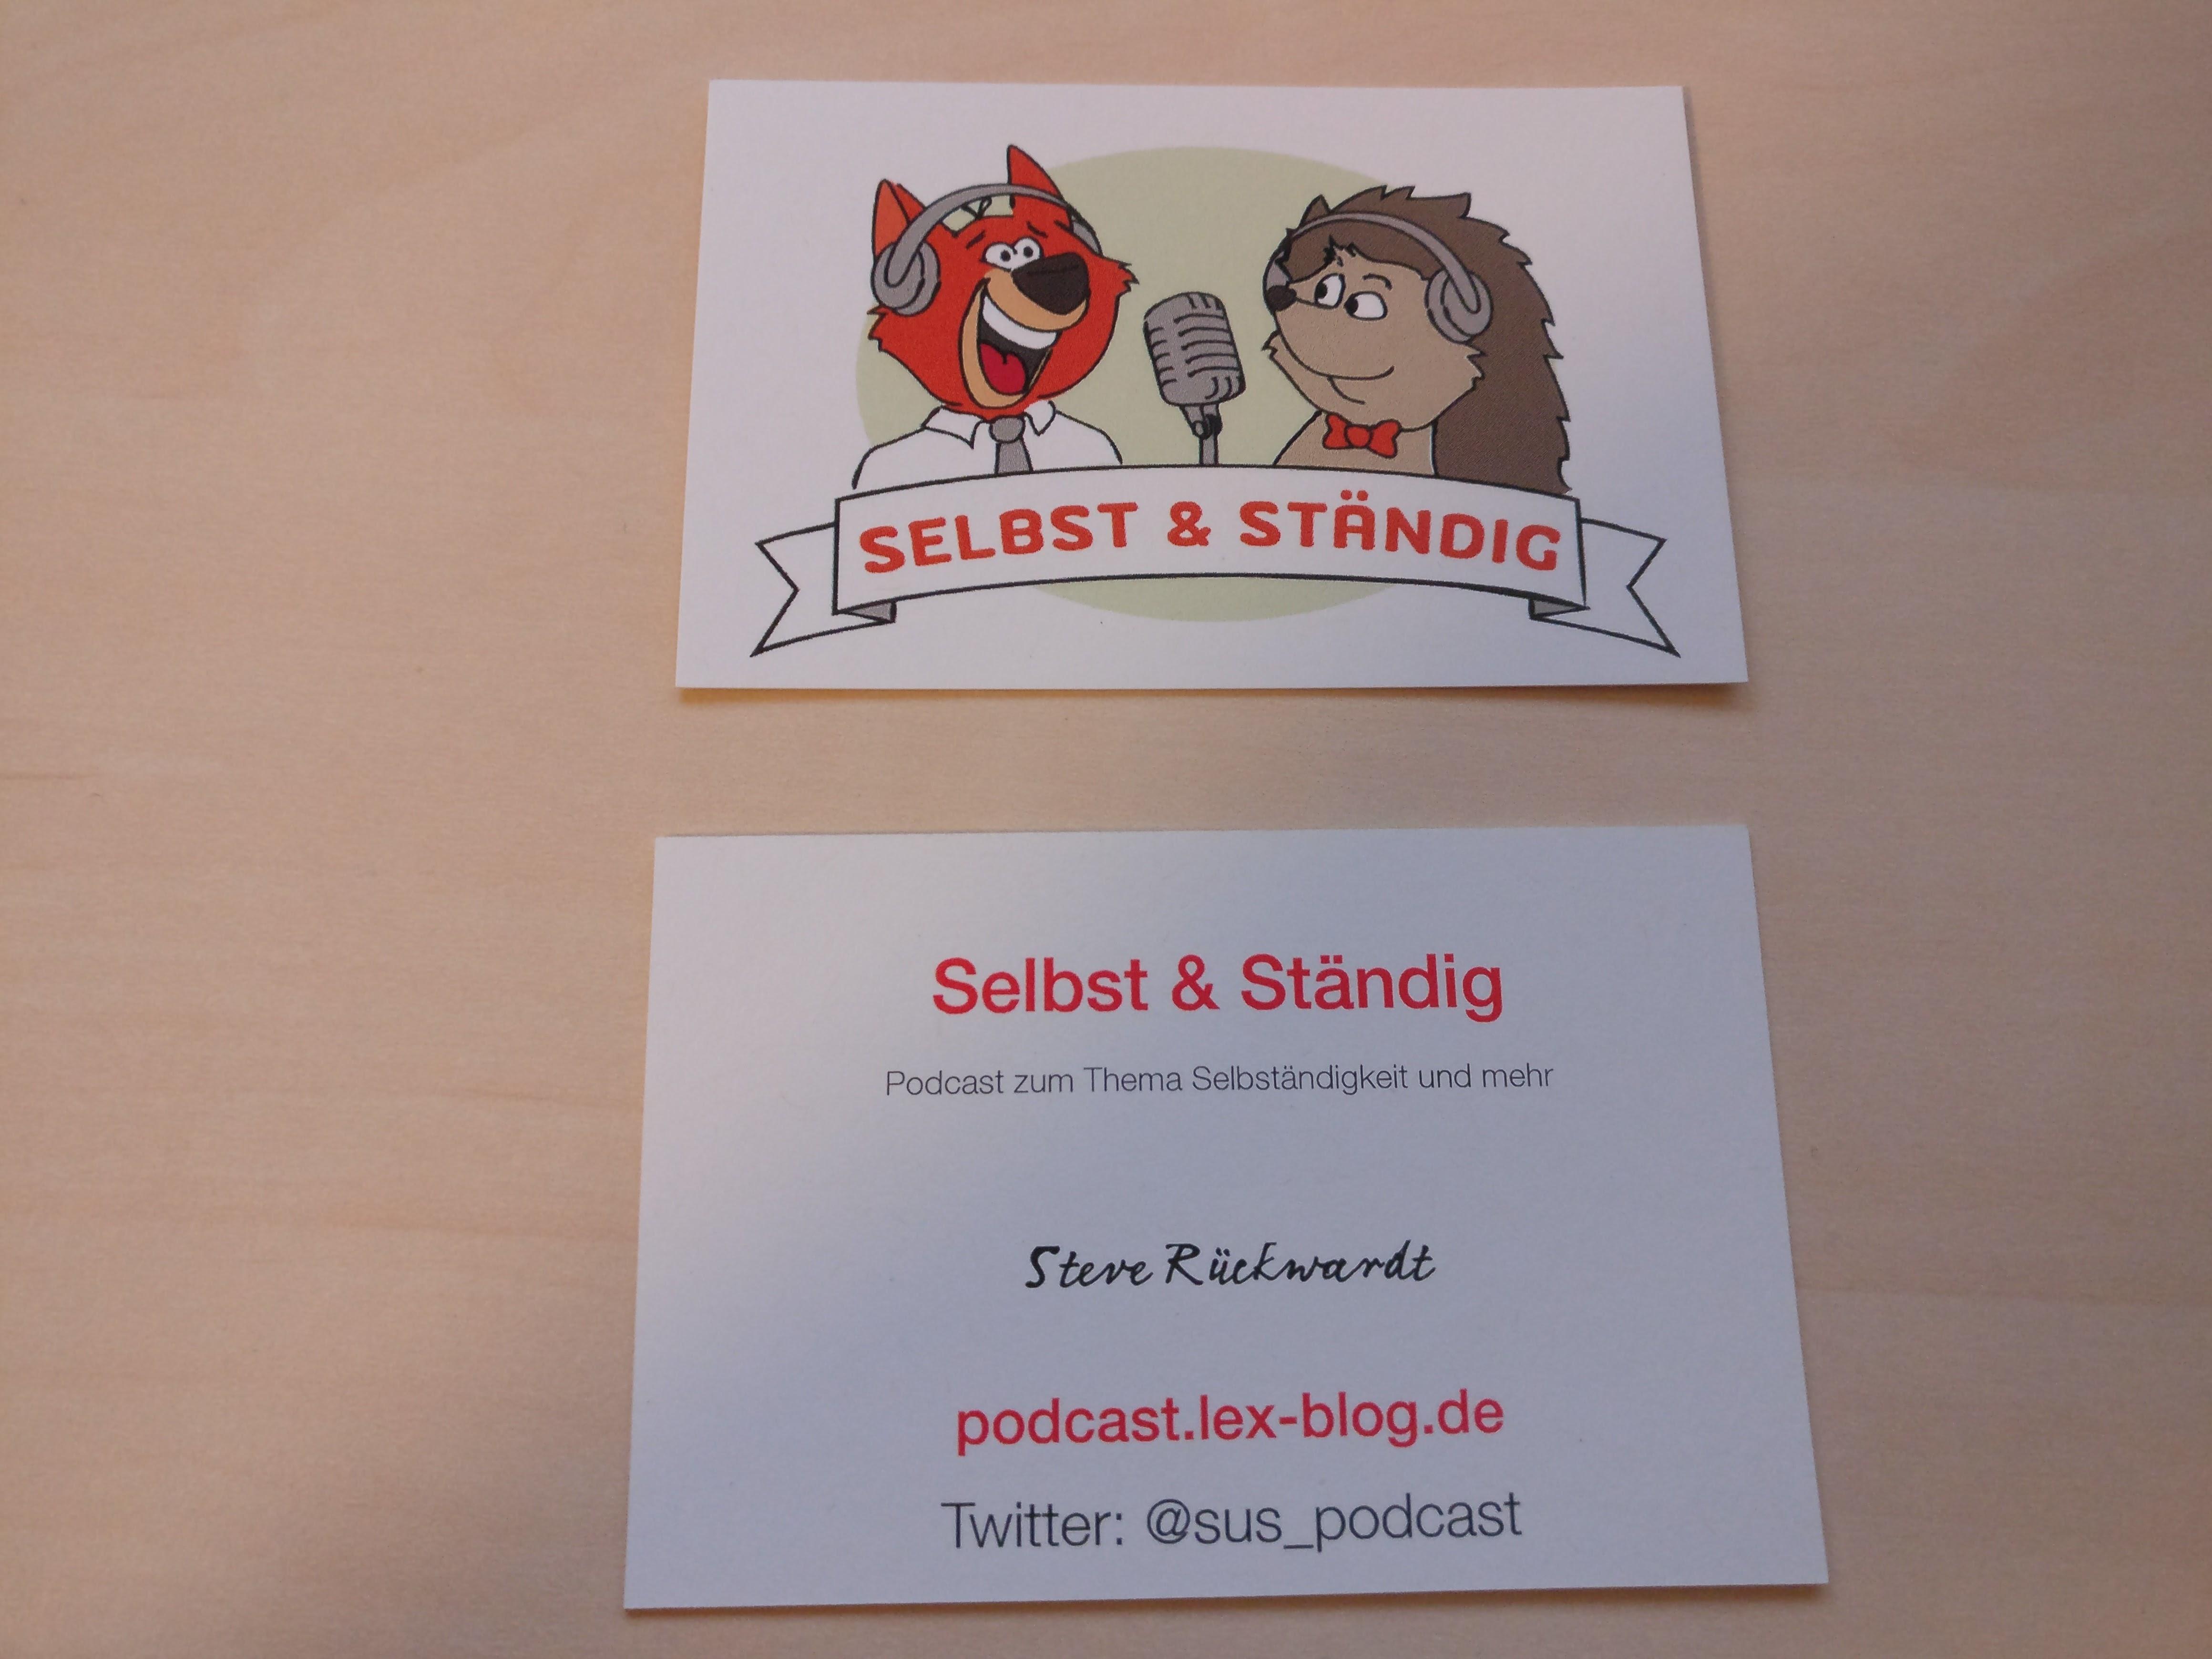 Podcast Visitenkarten Marketing Sendegate